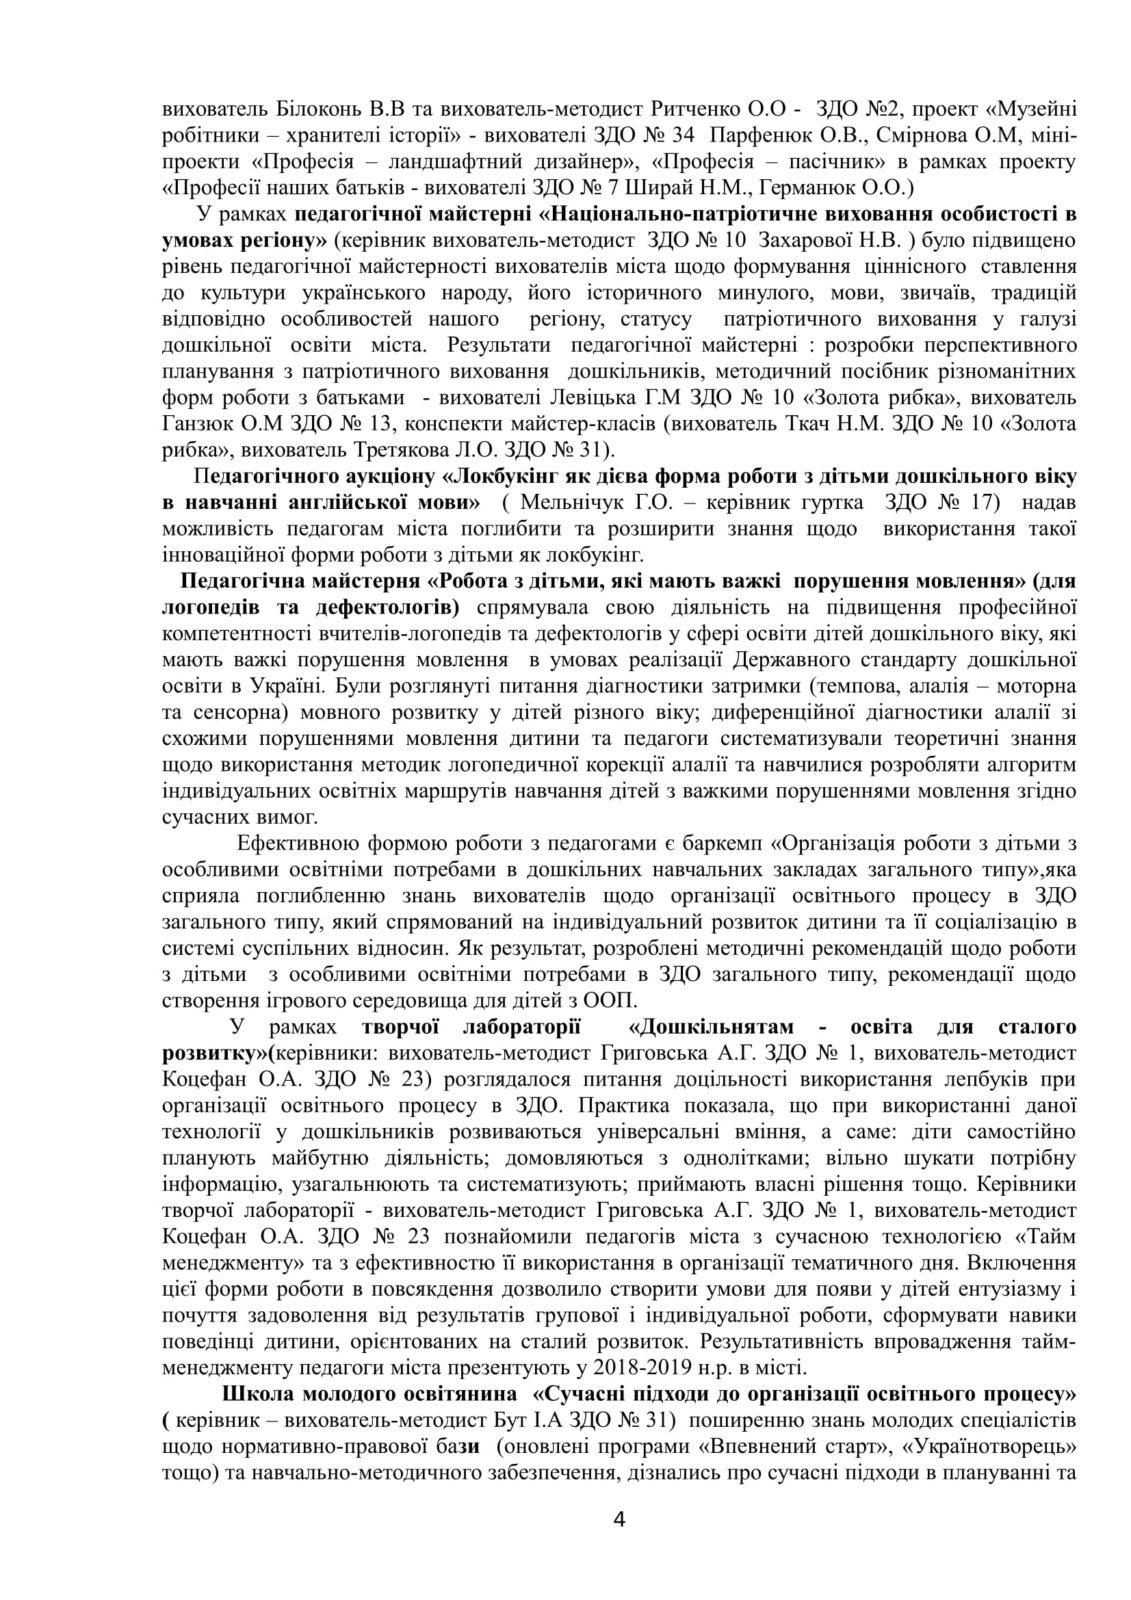 Костянтинівка 2018-2019 - ММК план роботи-05